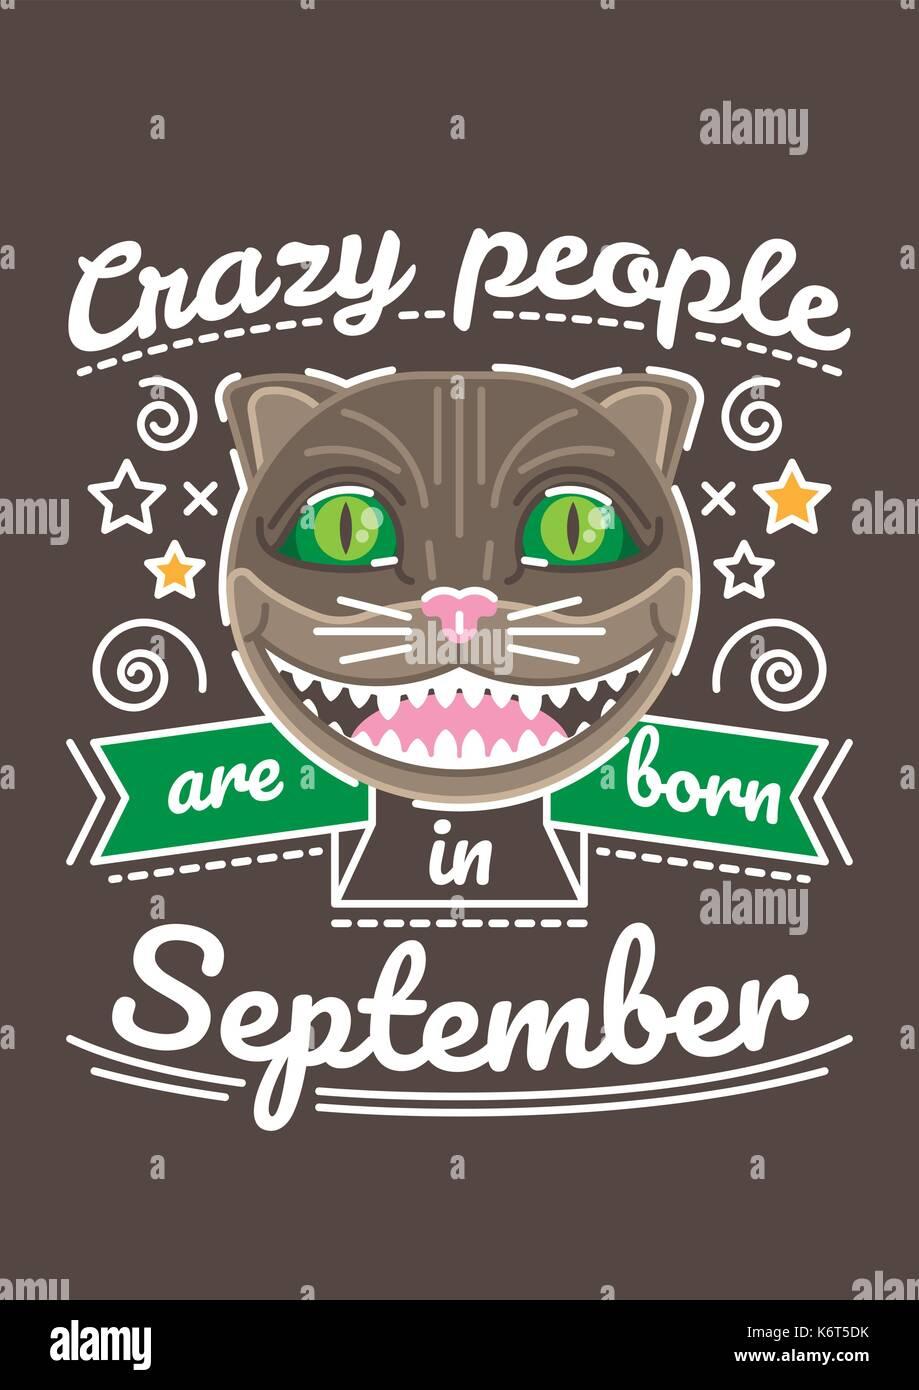 Verruckte Menschen Werden Geboren Im September Geburtstag Als T